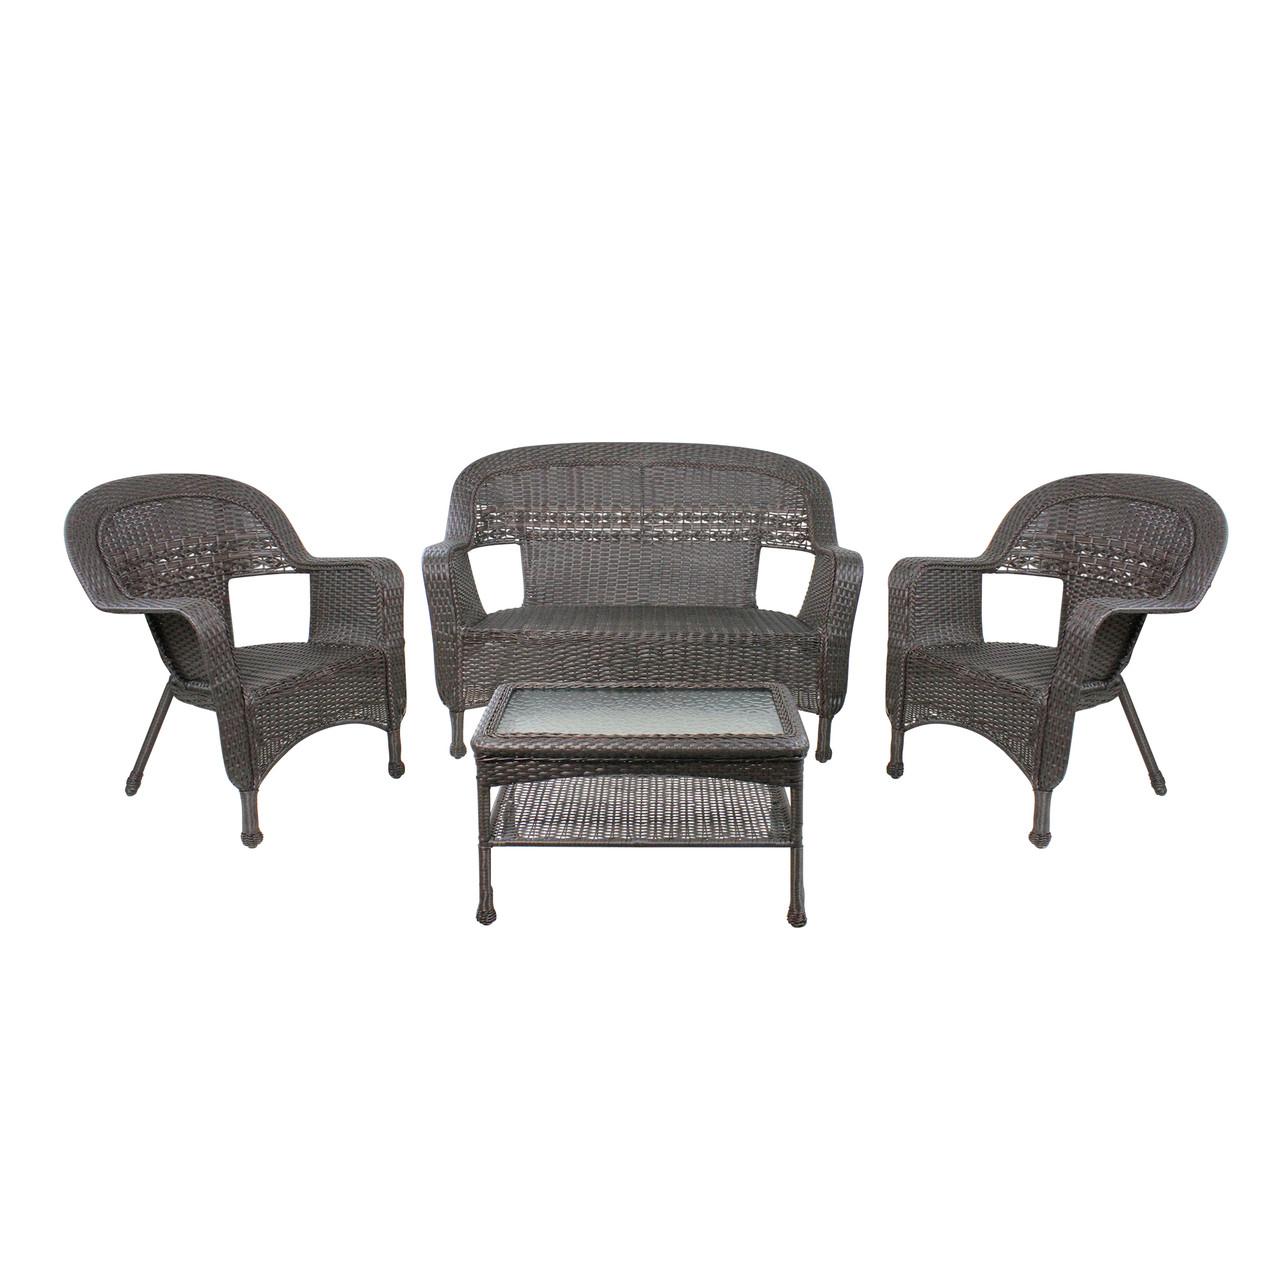 4 piece brown steel resin wicker outdoor patio furniture set 52